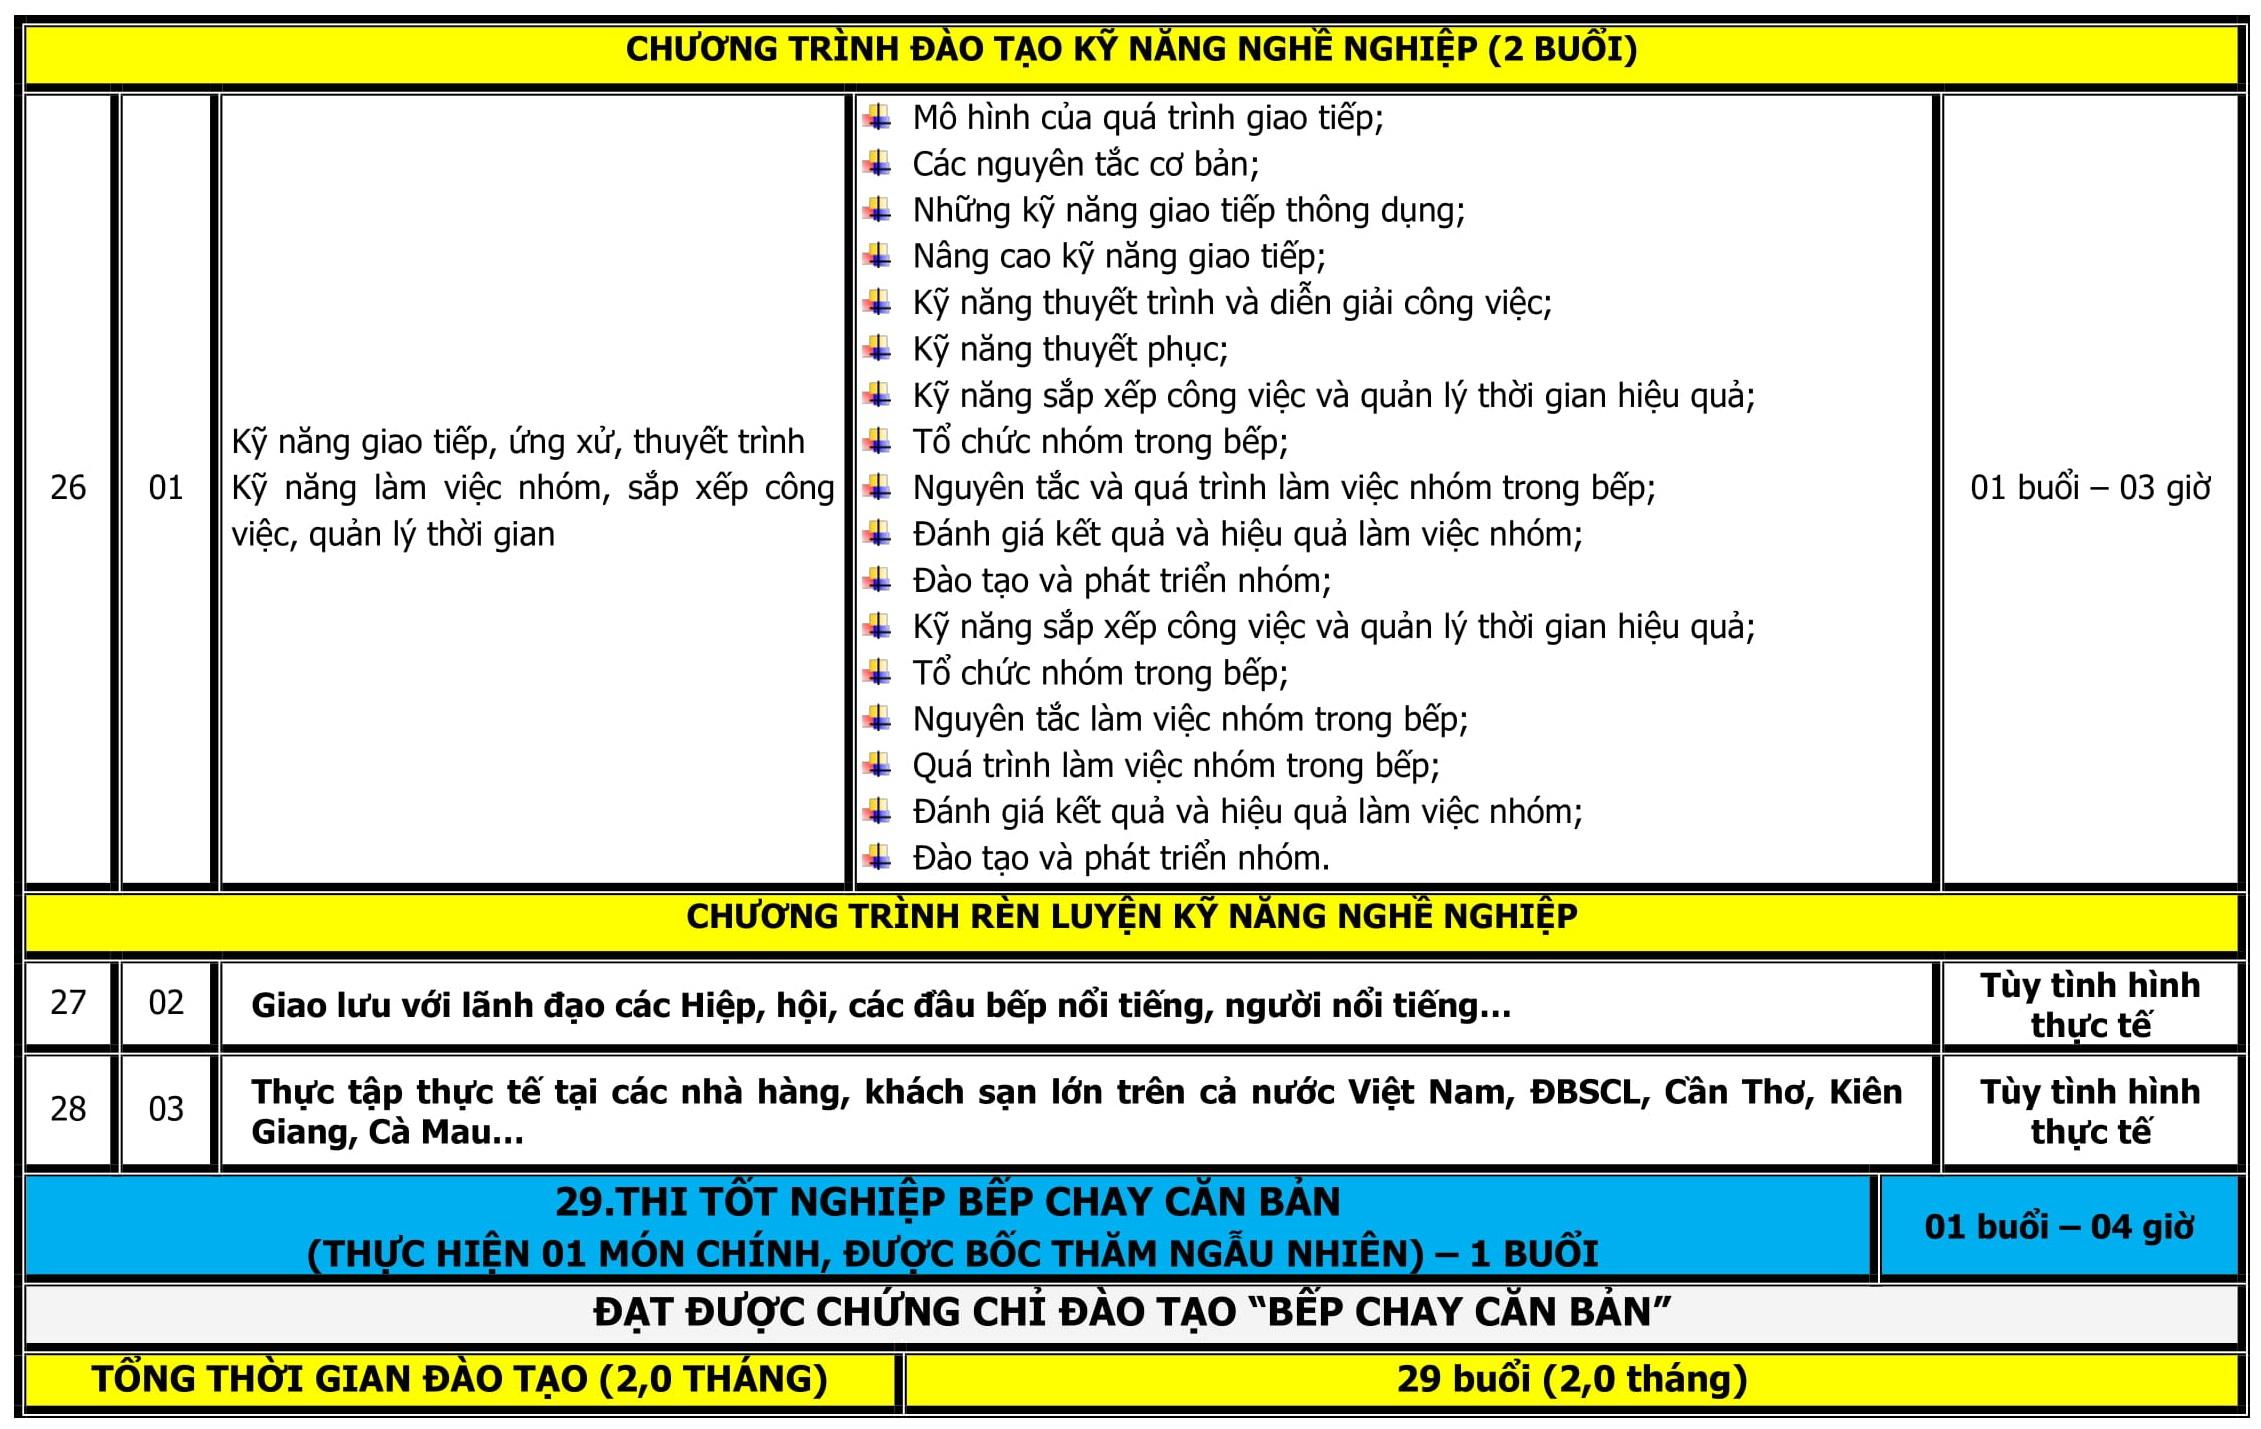 CT DAO TAO BEP CHAY CAN BAN-5